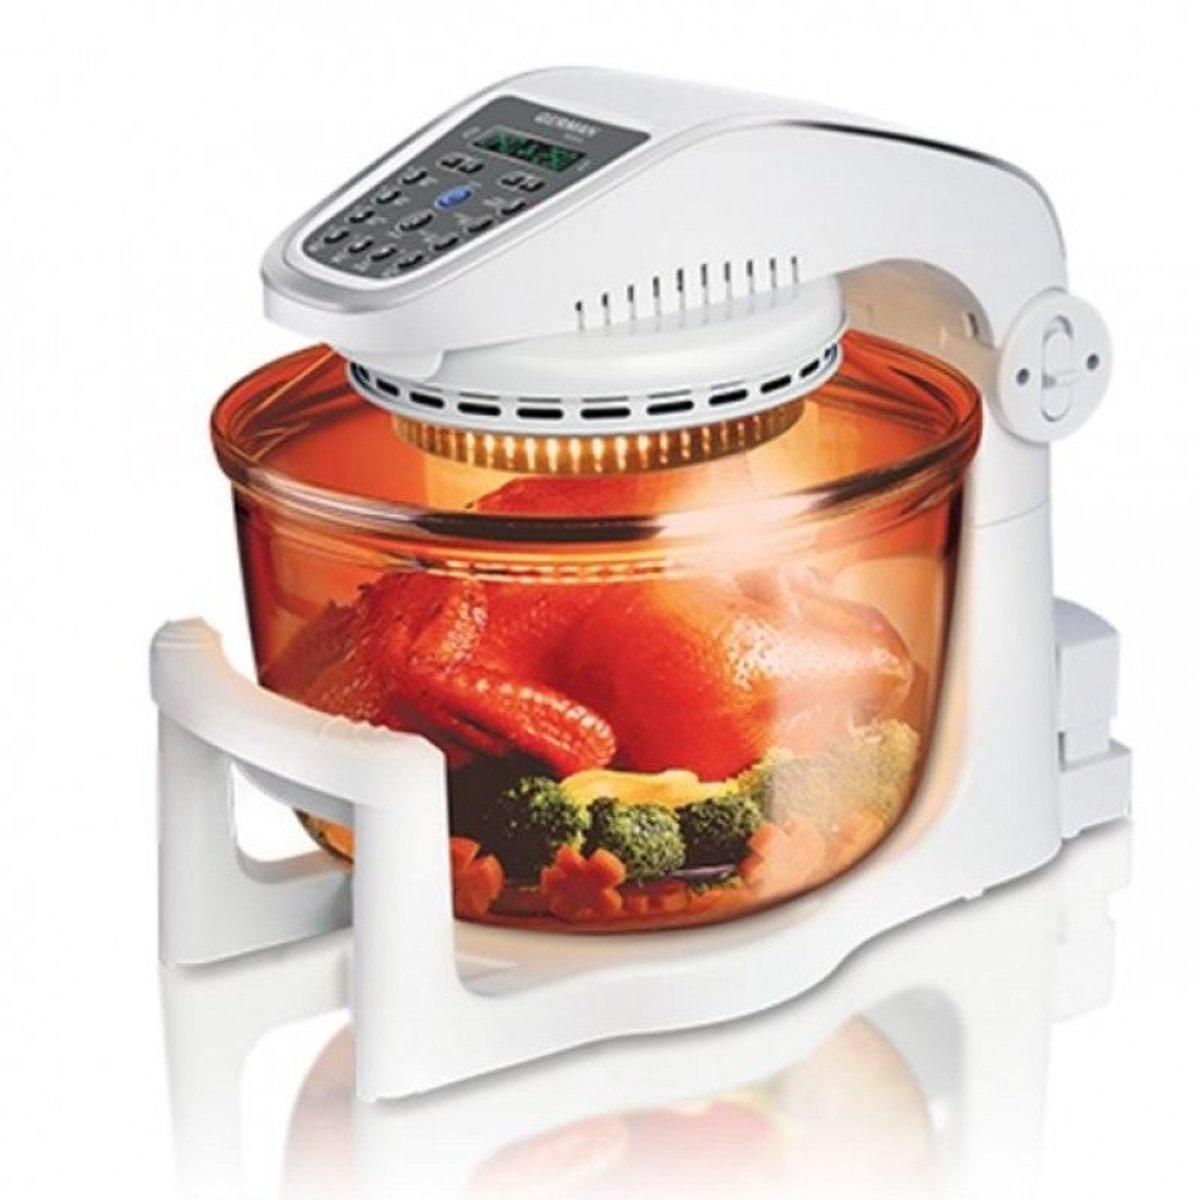 7L Halogen Cooking Pot CKY-298 - Authorized Dealer